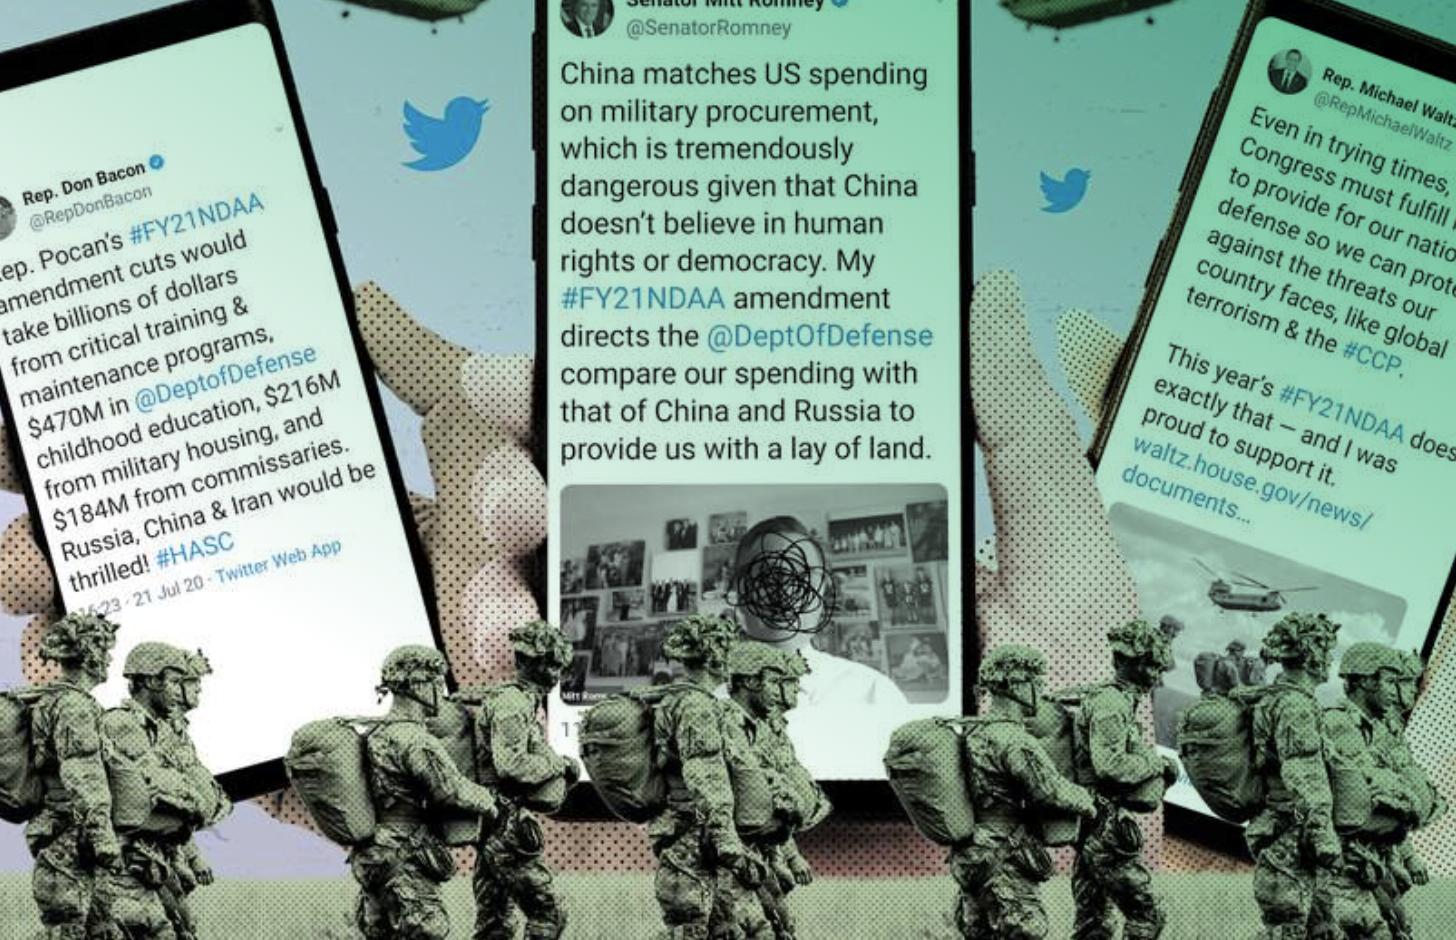 La Histeria Anti-China impulsa el gasto récord en defensa de los Estados Unidos en 2021